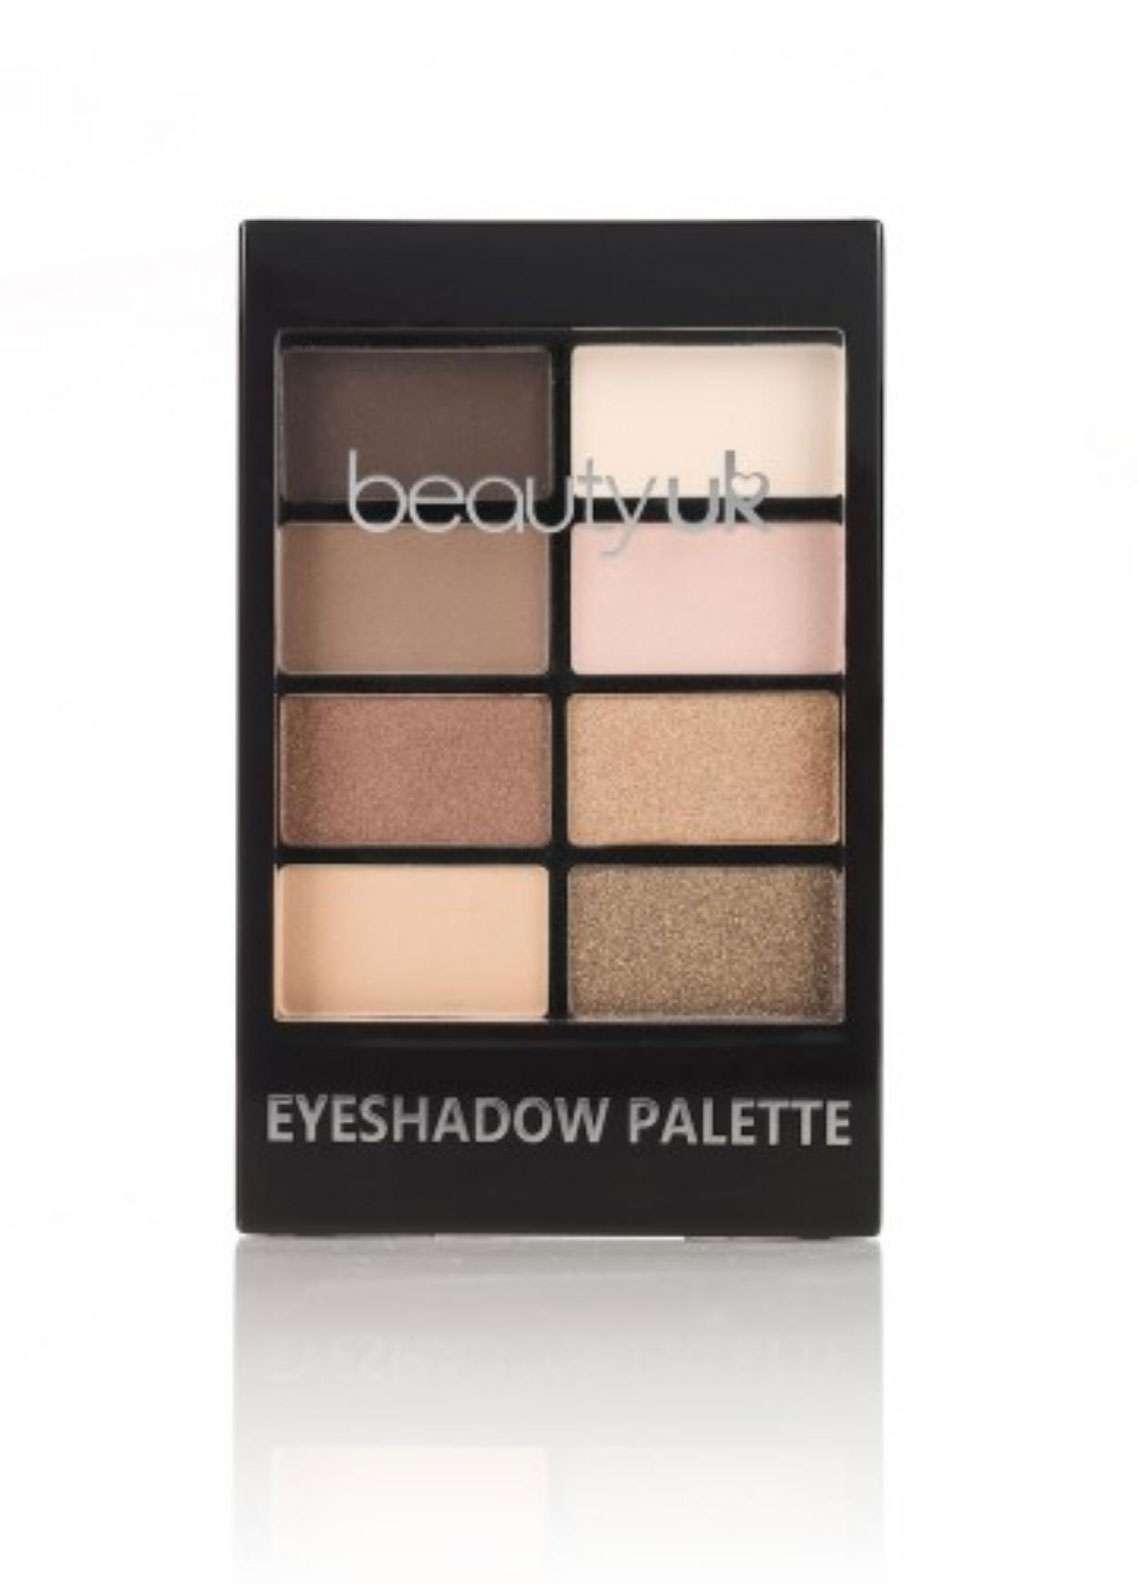 Beauty UK Eye Shadow Palette - 02 Pin Up